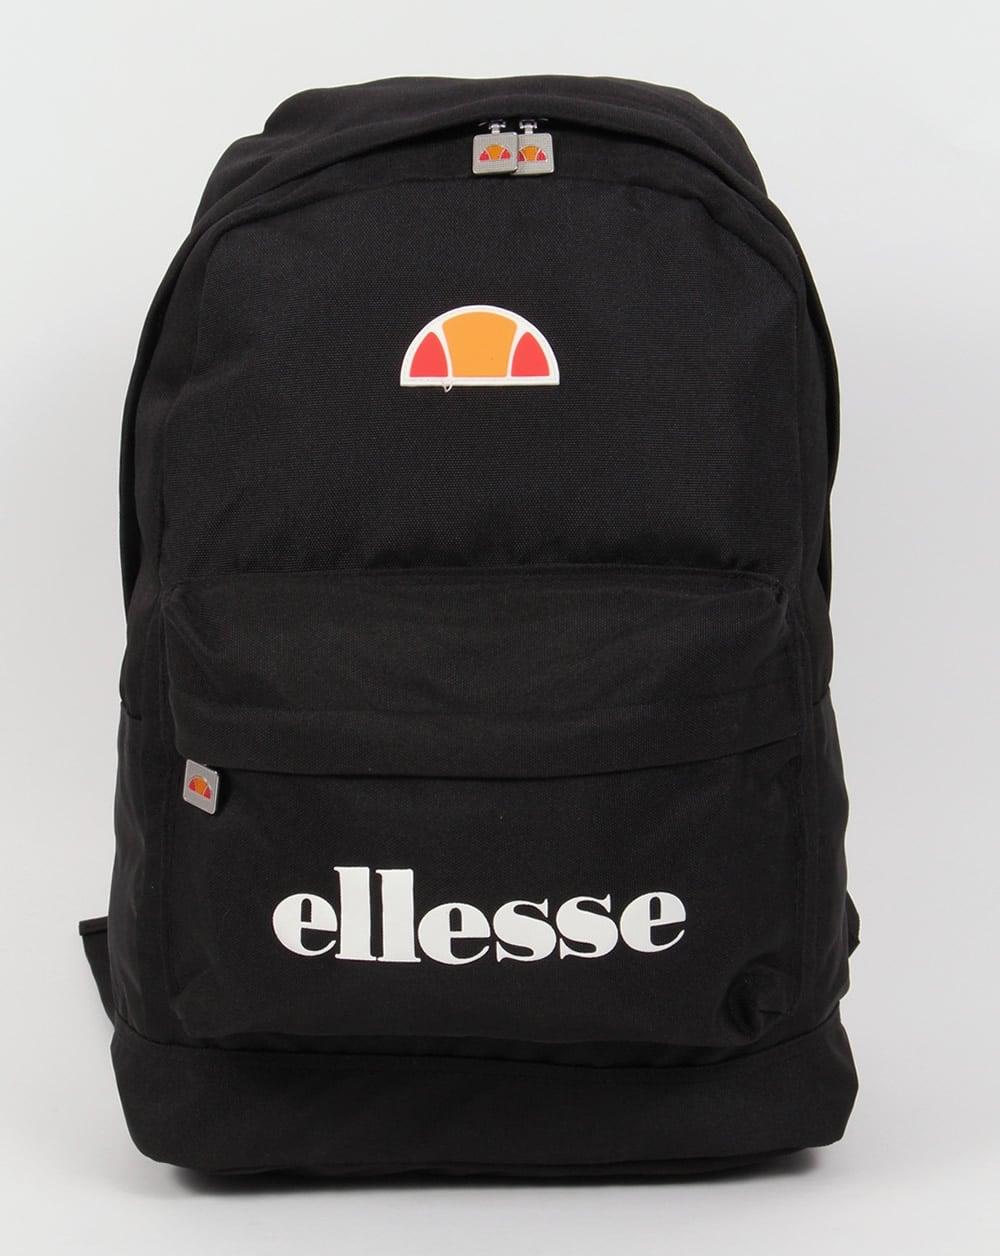 Ellesse Regent II Backpack Black ,bag,back to school,shoulder